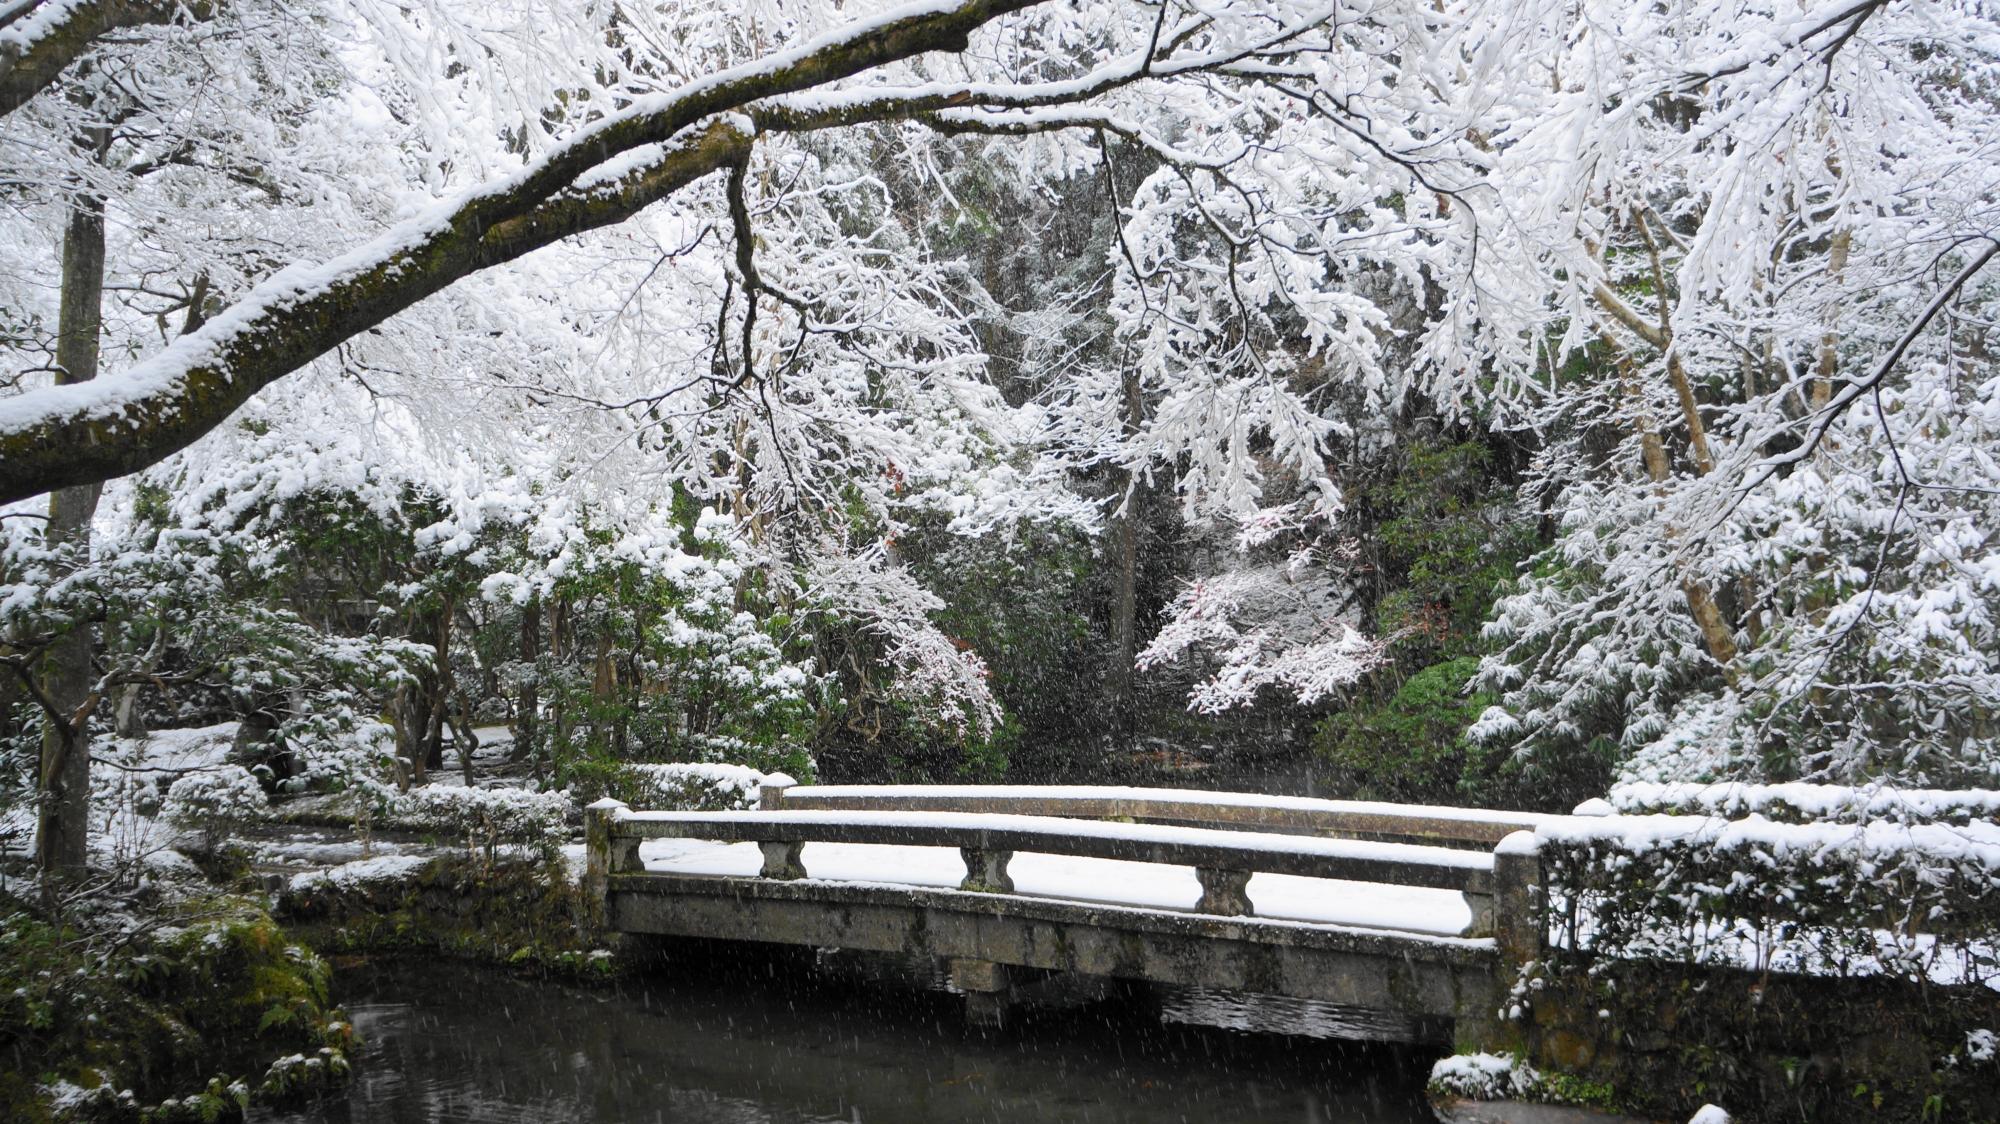 法然院の放生池の雪景色